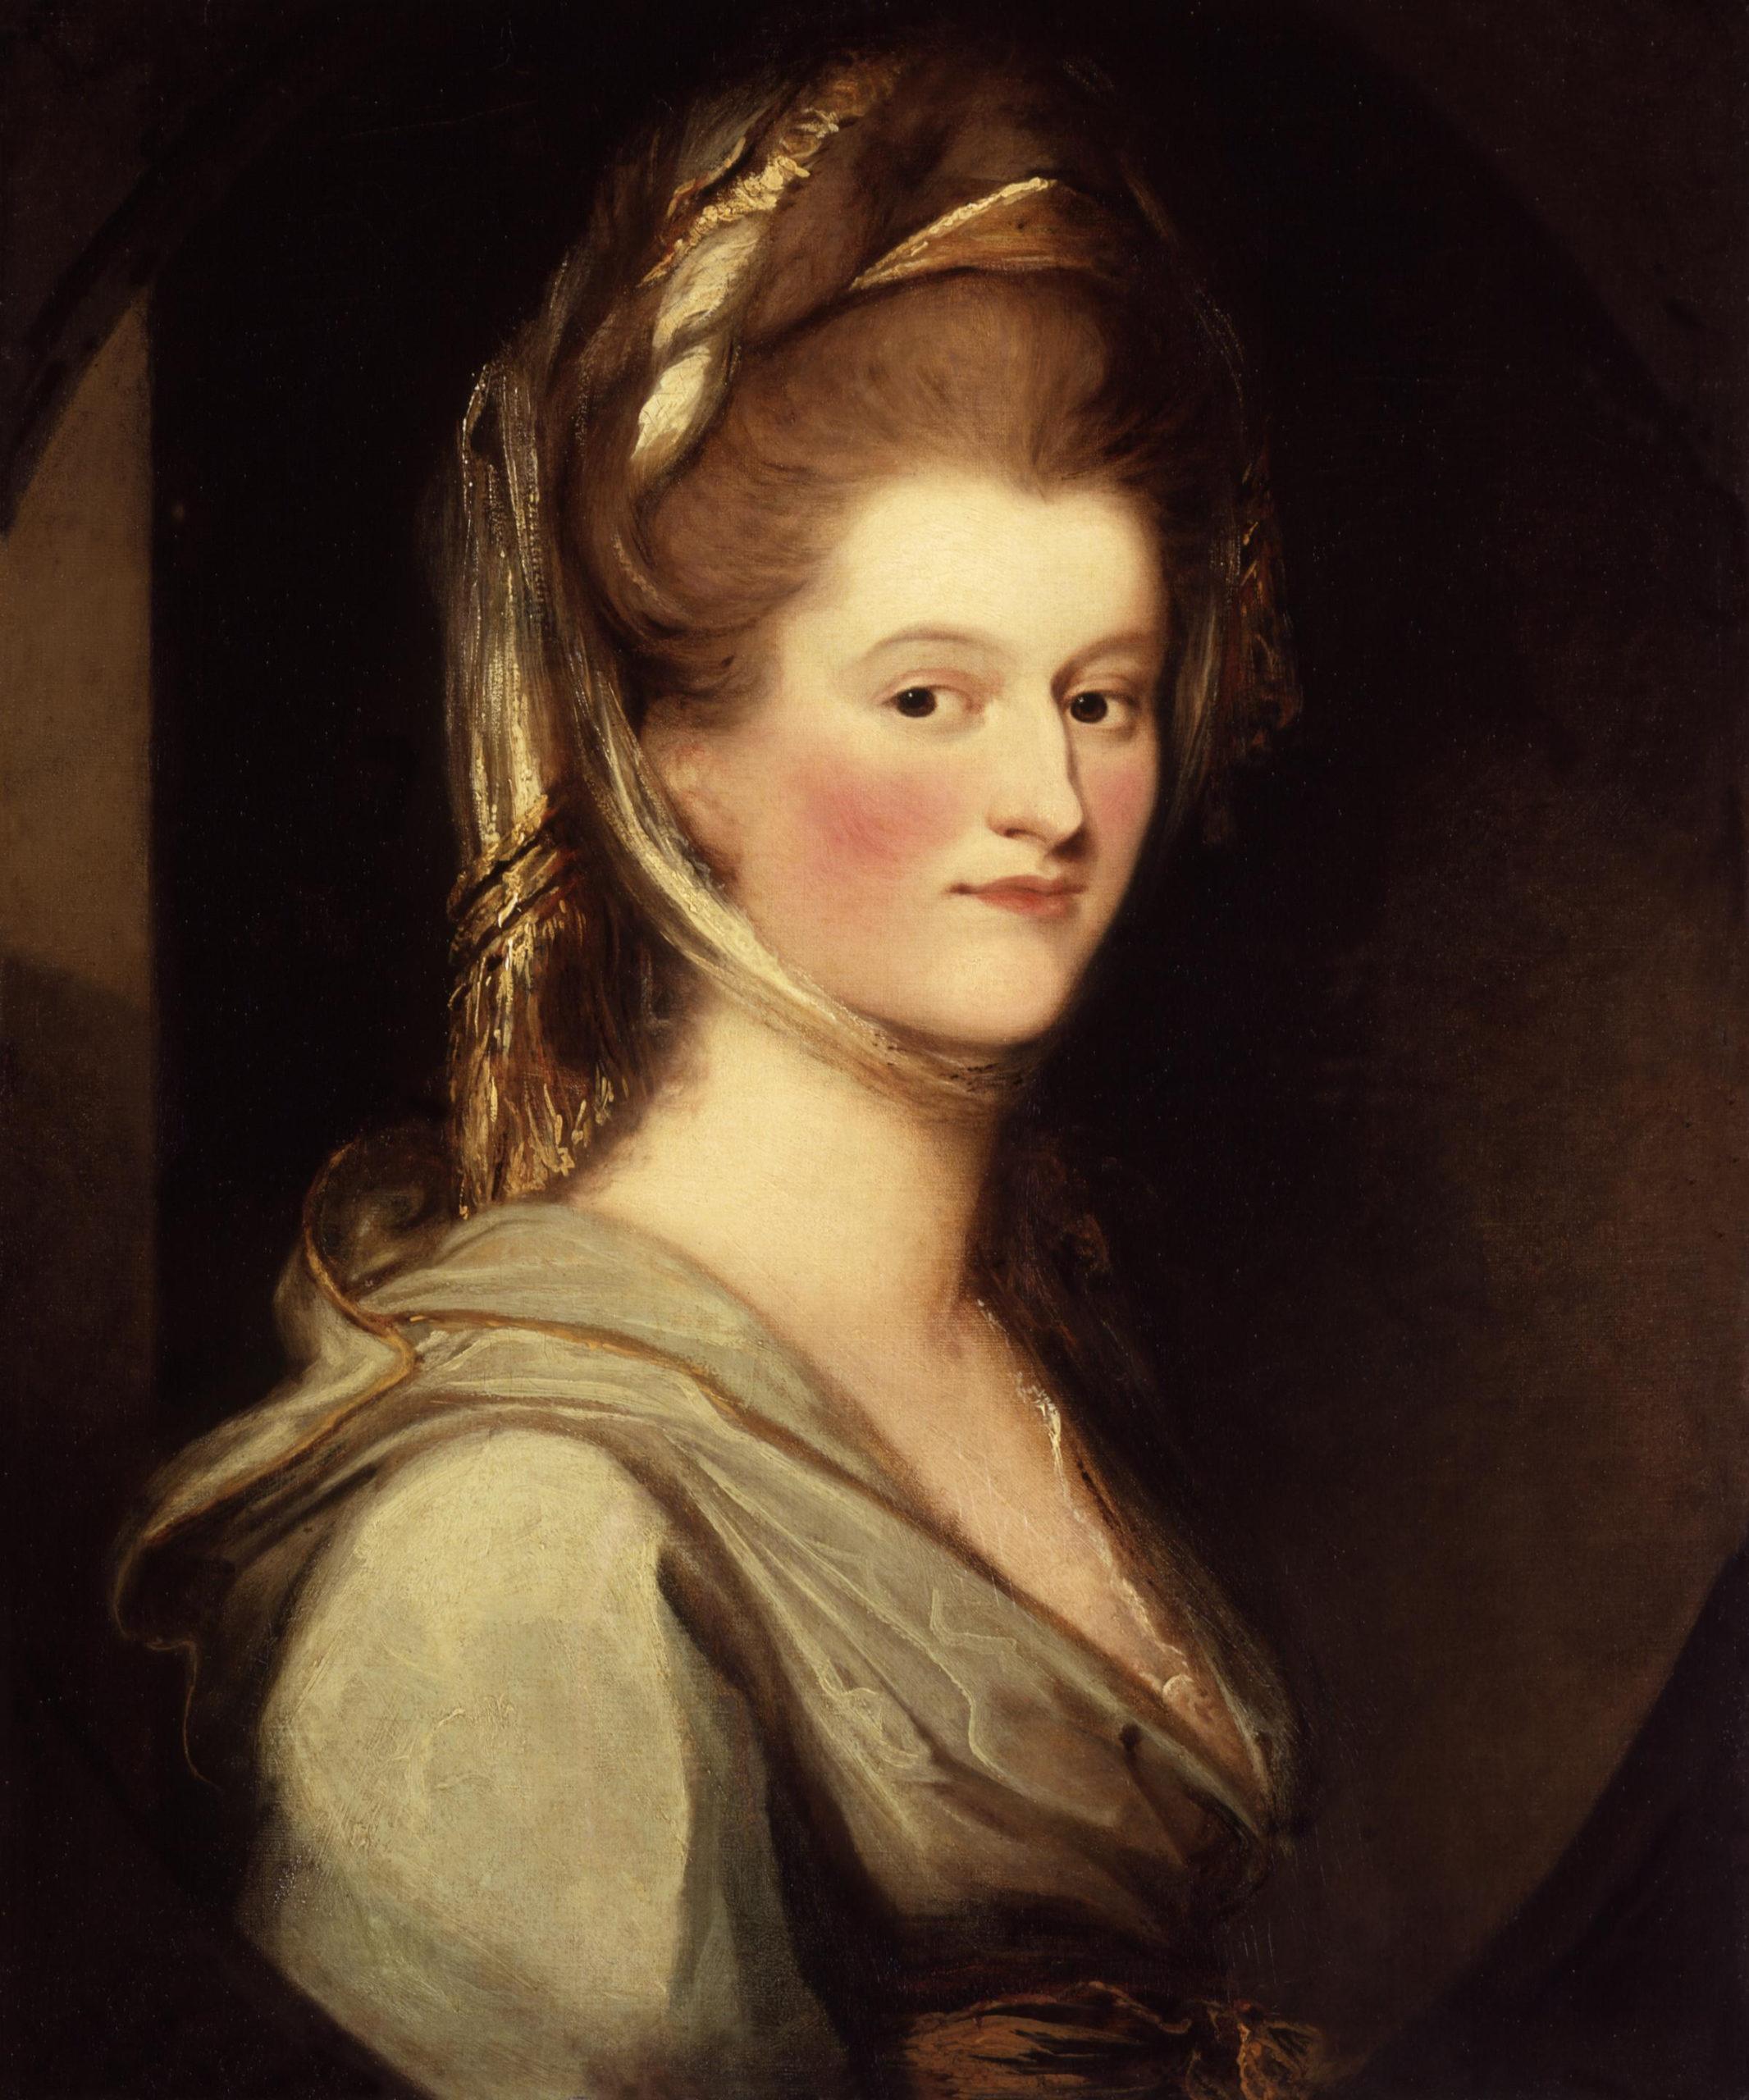 Elizabeth Berkeley - mother of Arabella Craven